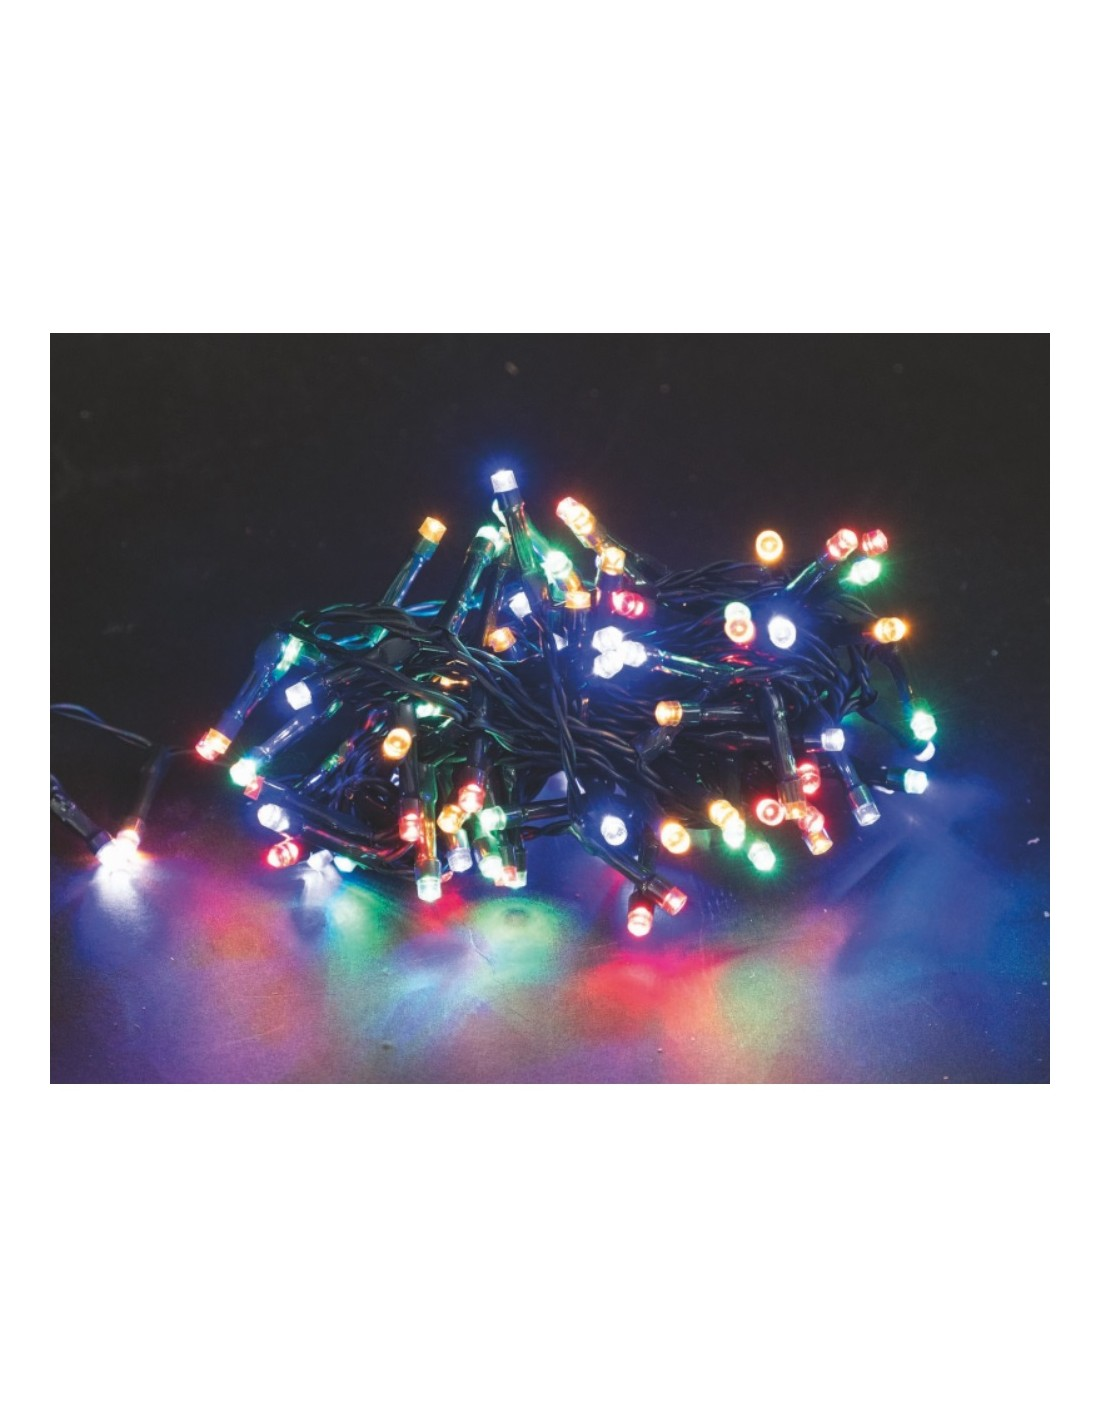 Catena Luminosa Per Foto catena luminosa 2000 led multicolore 8 funzioni per esterno 80 metri  euronatale a soli 69,90 €